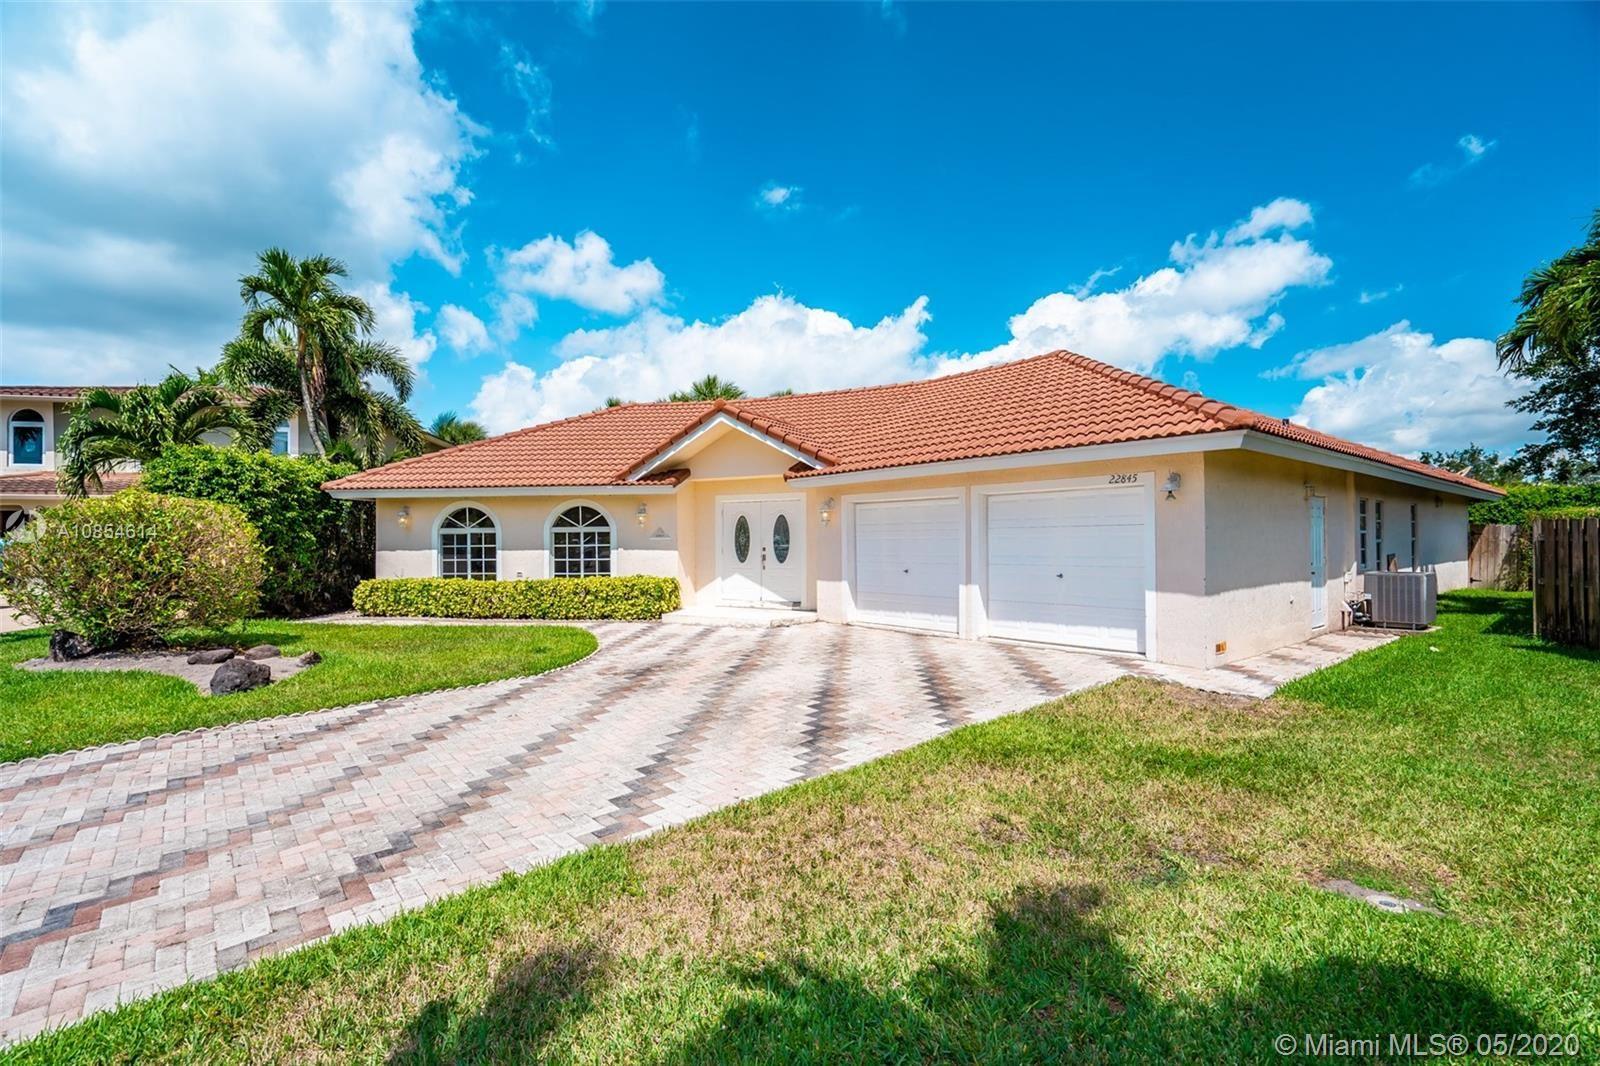 22845 Greenview Ter, Boca Raton, FL 33433 - #: A10854614